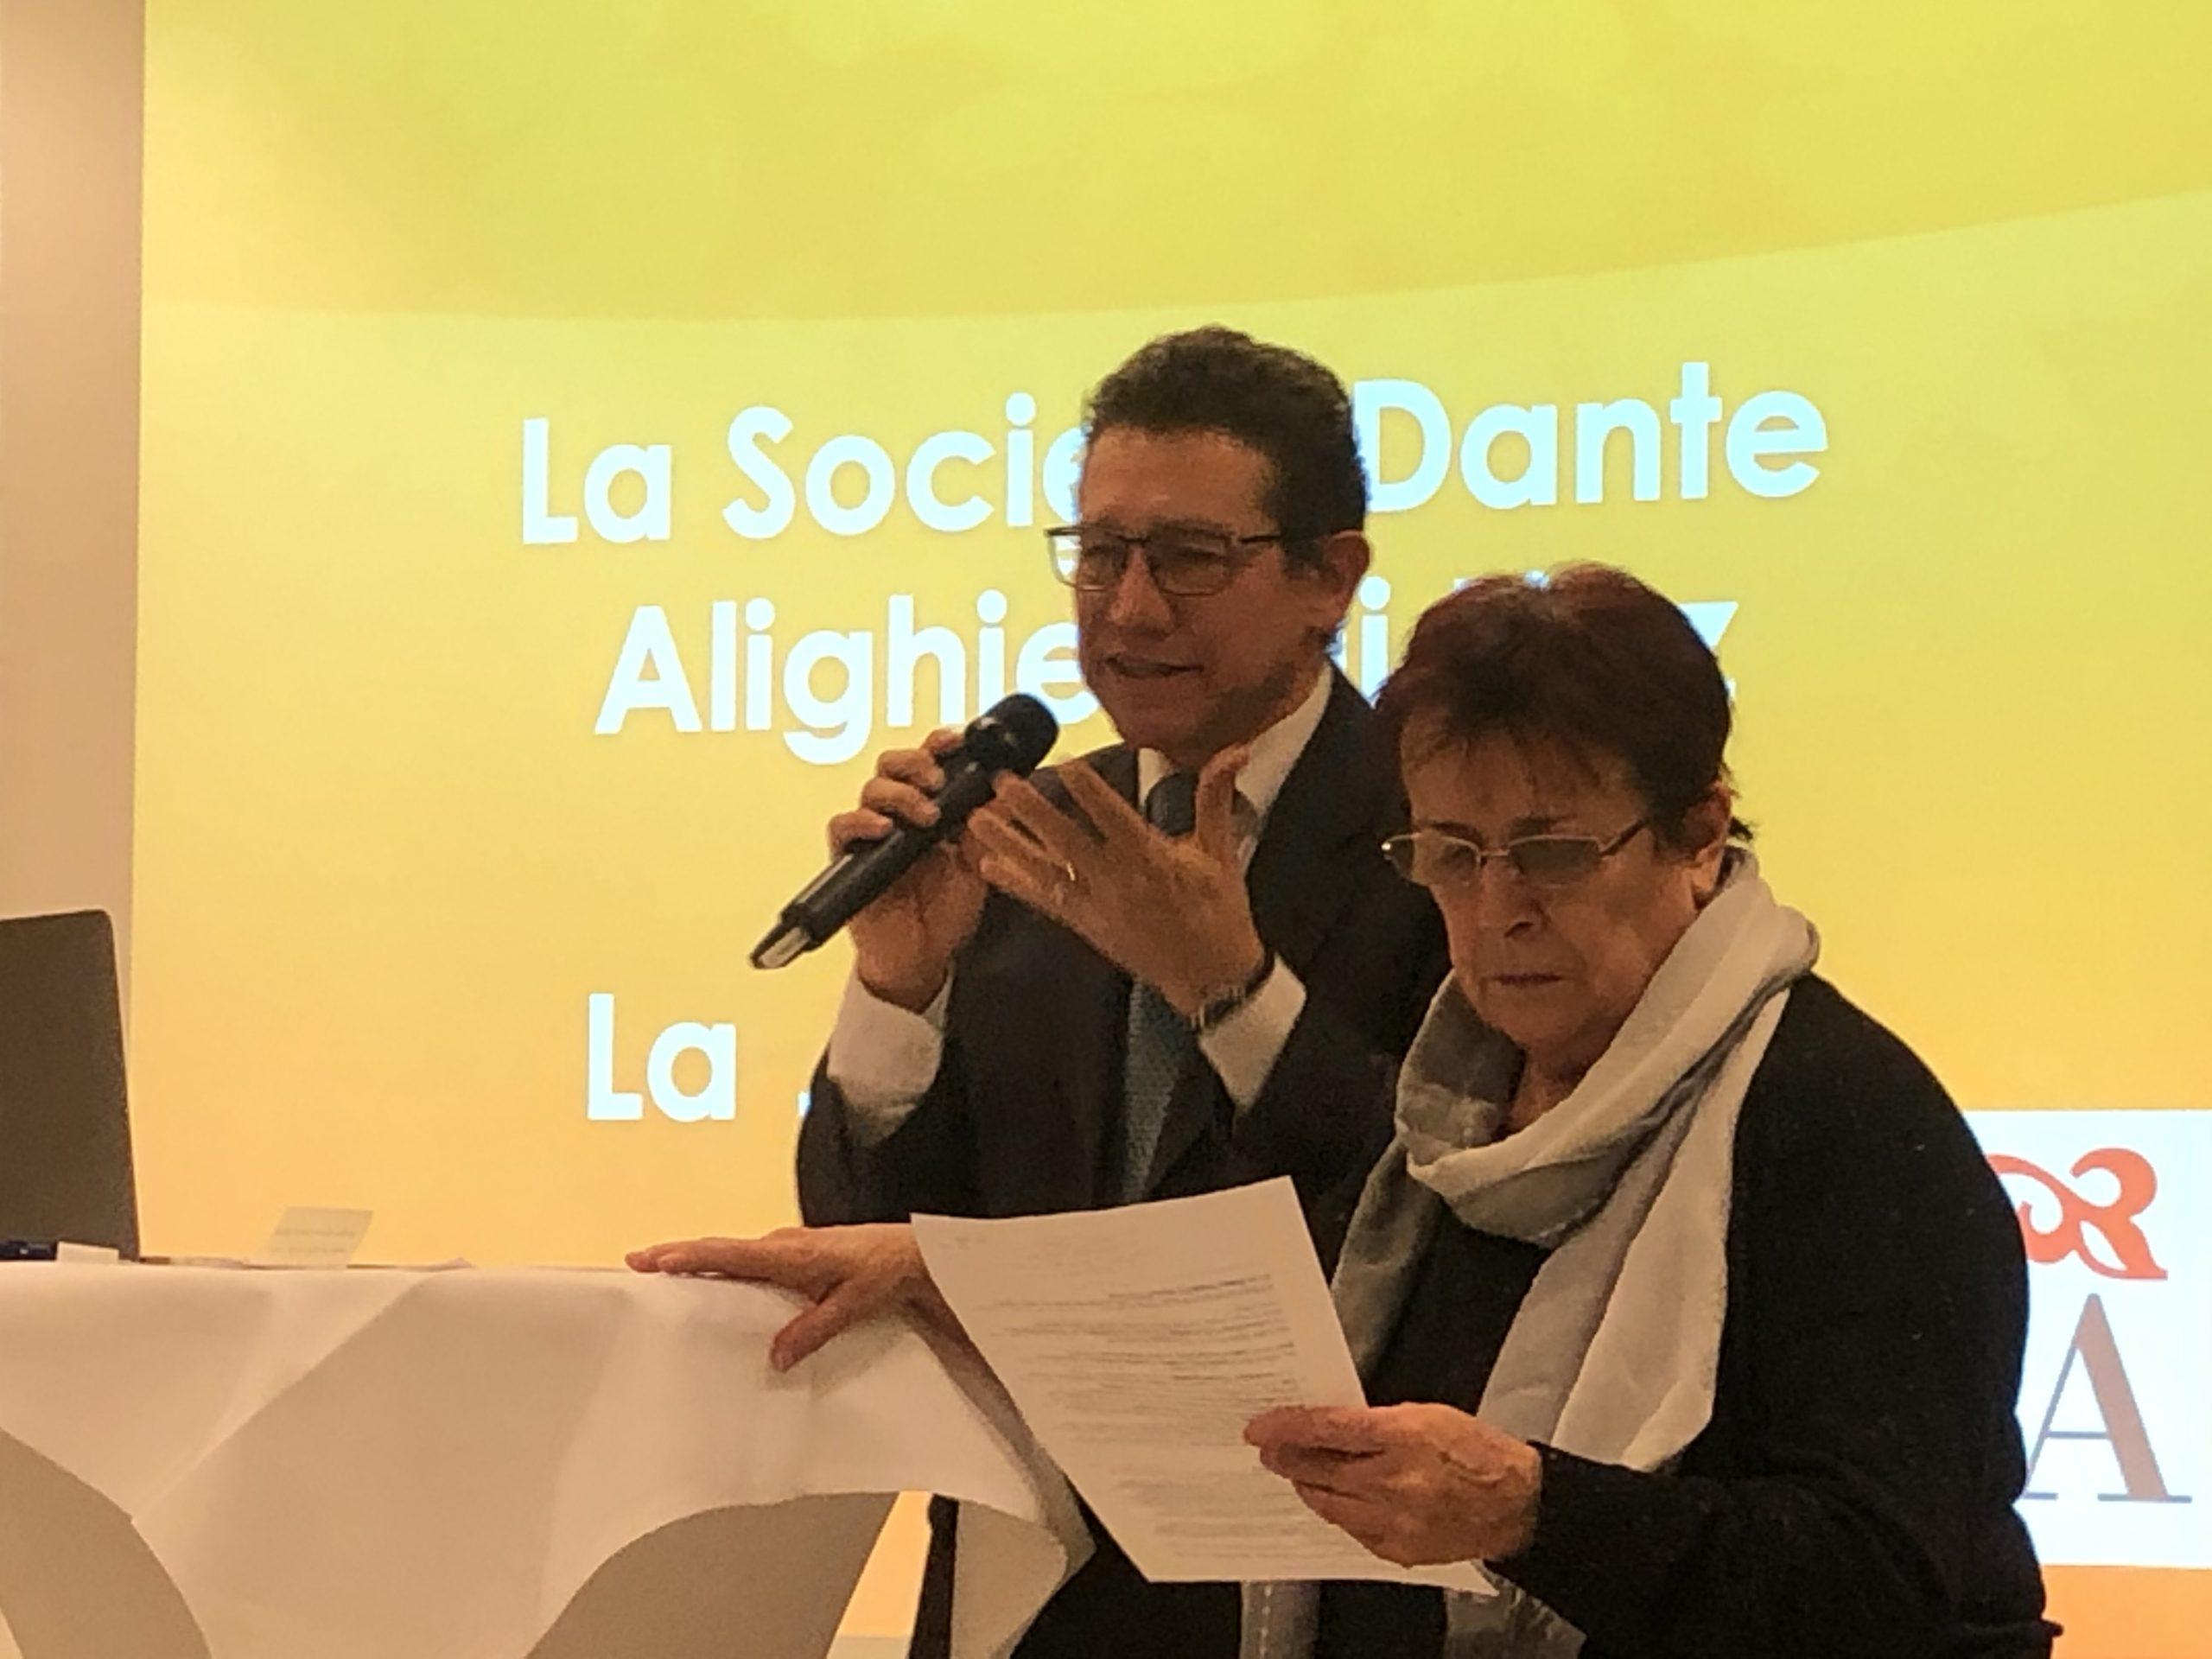 Festa della Dante mit Generalversammlung 2020